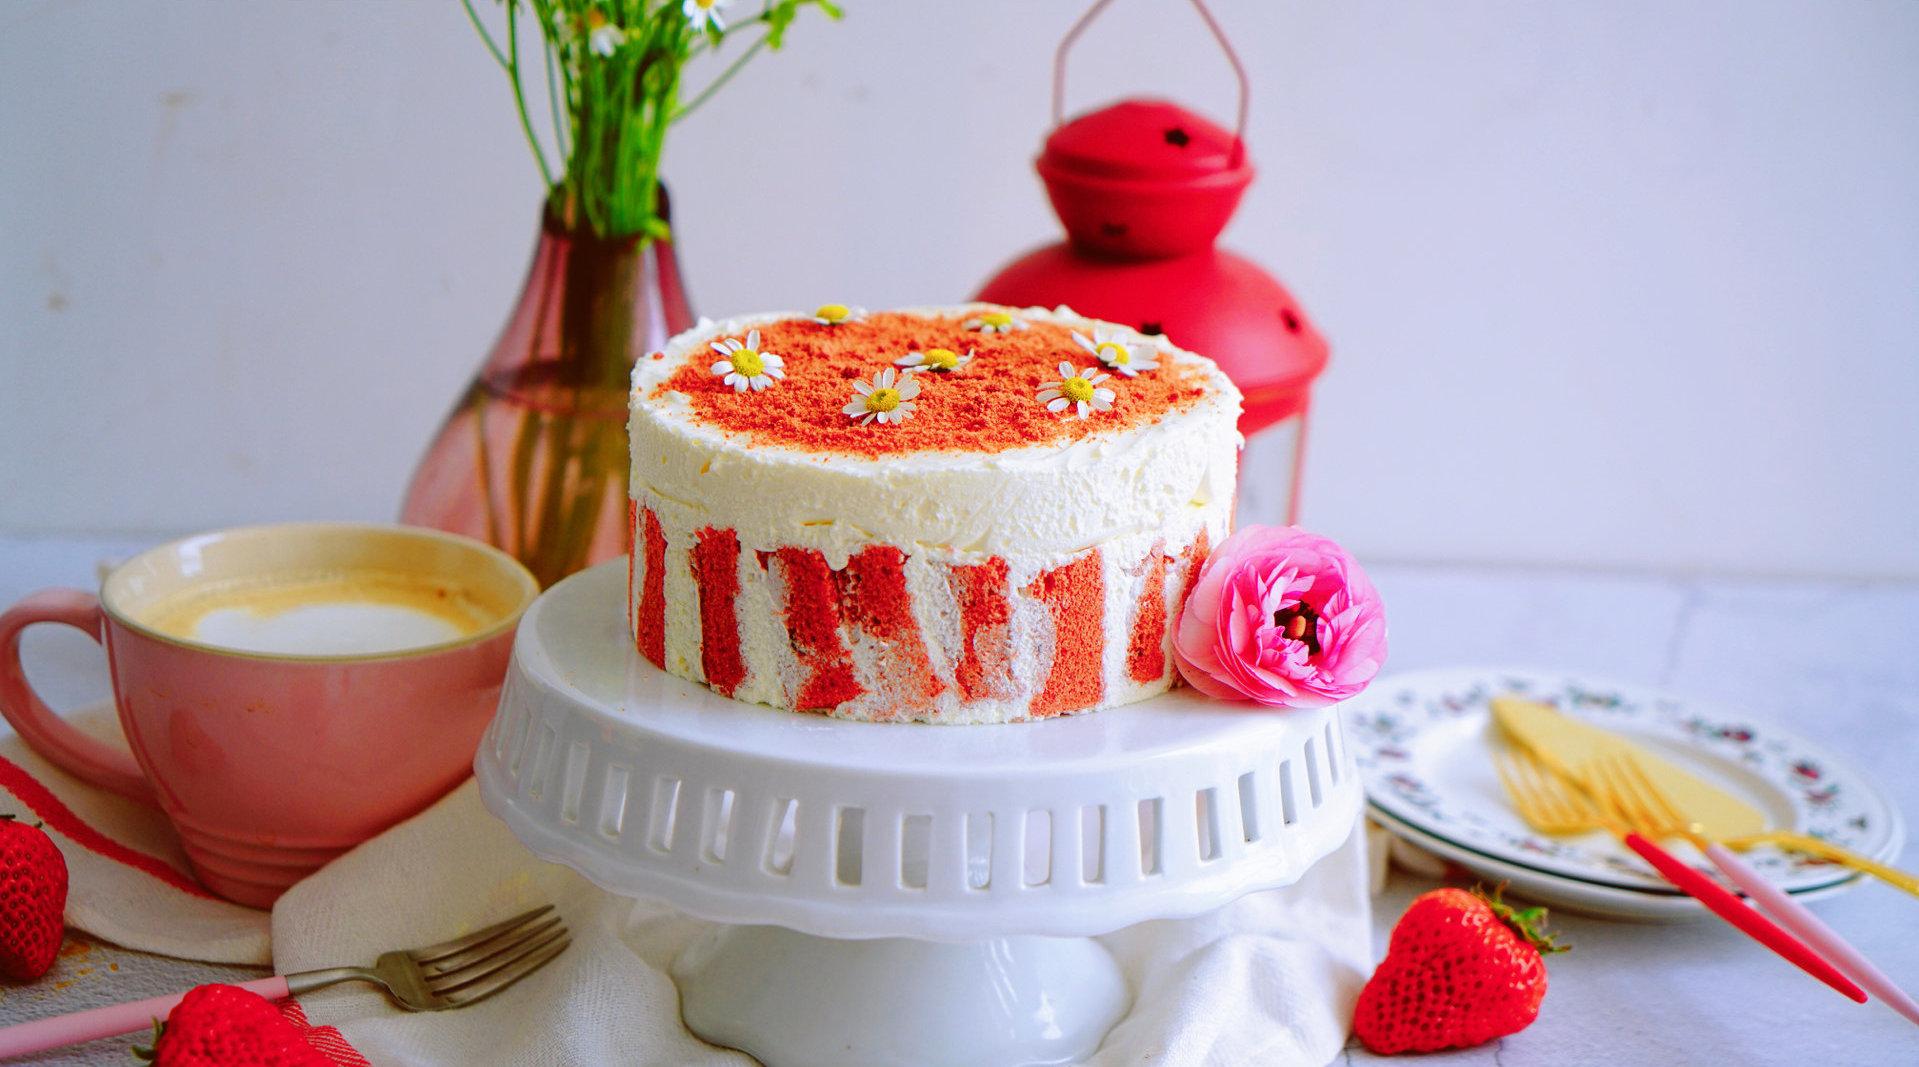 超详细步骤教你制作冬季ins网红蛋糕-红丝绒草莓乳酪蛋糕 @鲜城  制作